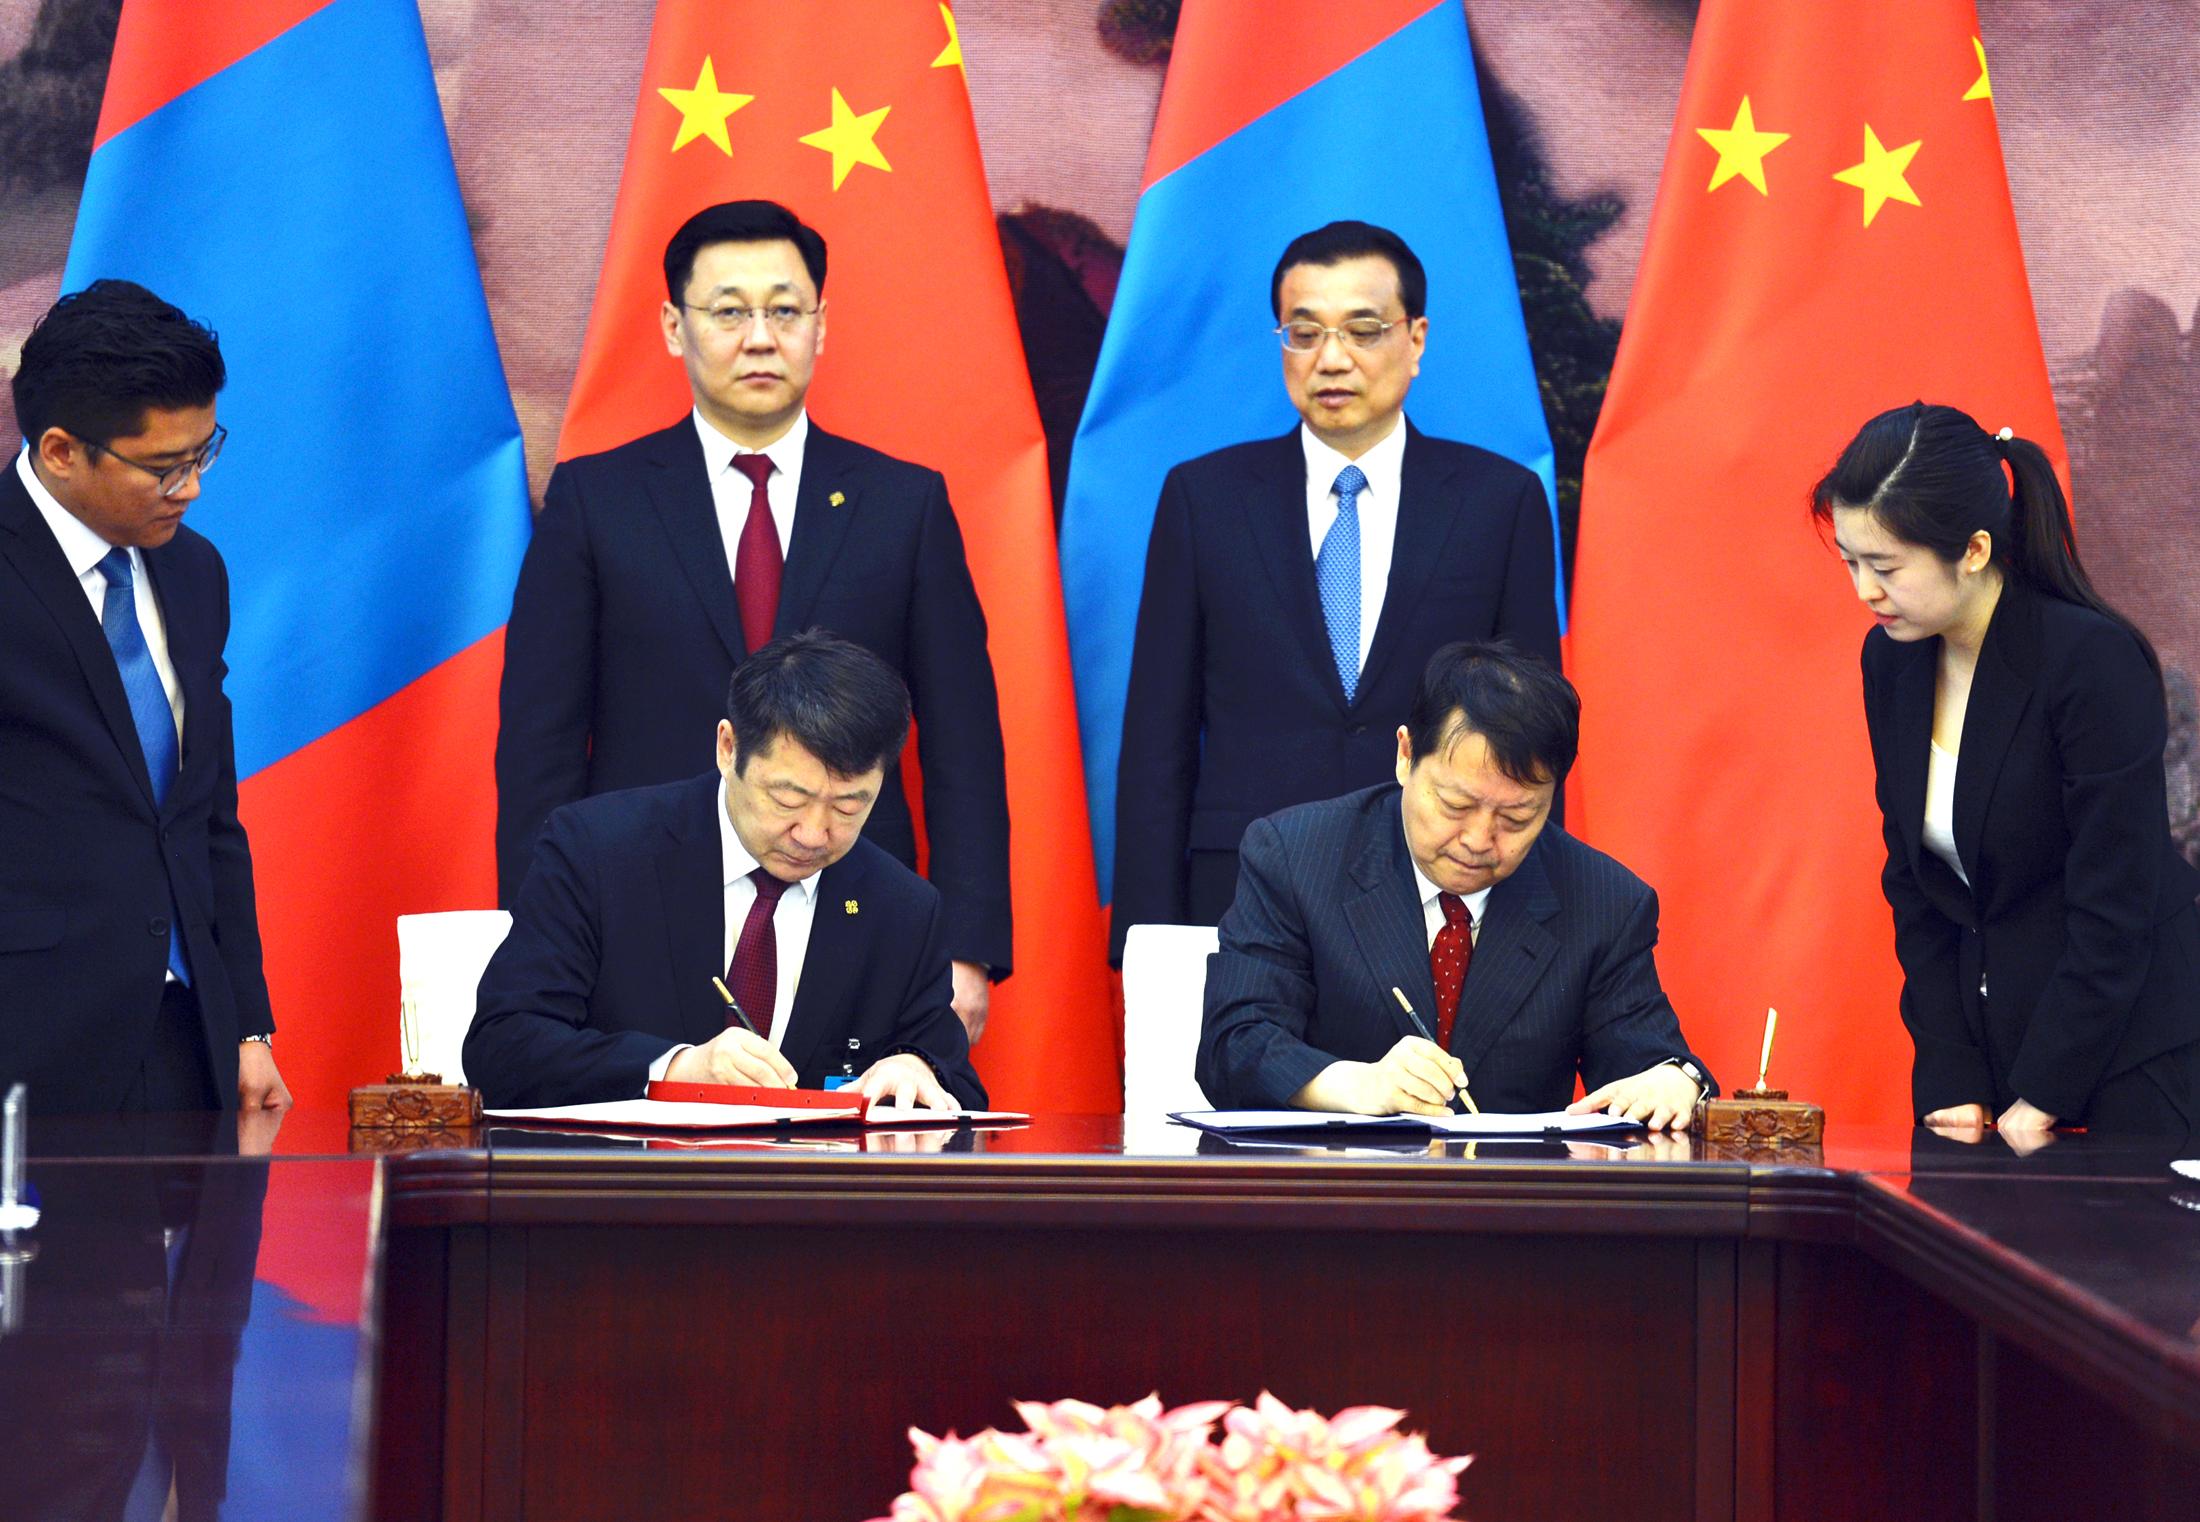 1a7e5e1f878a68fd7e550ad8000158e8 Монгол Улсын Ерөнхий сайд Ж.Эрдэнэбат, БНХАУ-ын Төрийн Зөвлөлийн Ерөнхий сайд Ли Көчянтай нар албан ёсны хэлэлцээ хийв